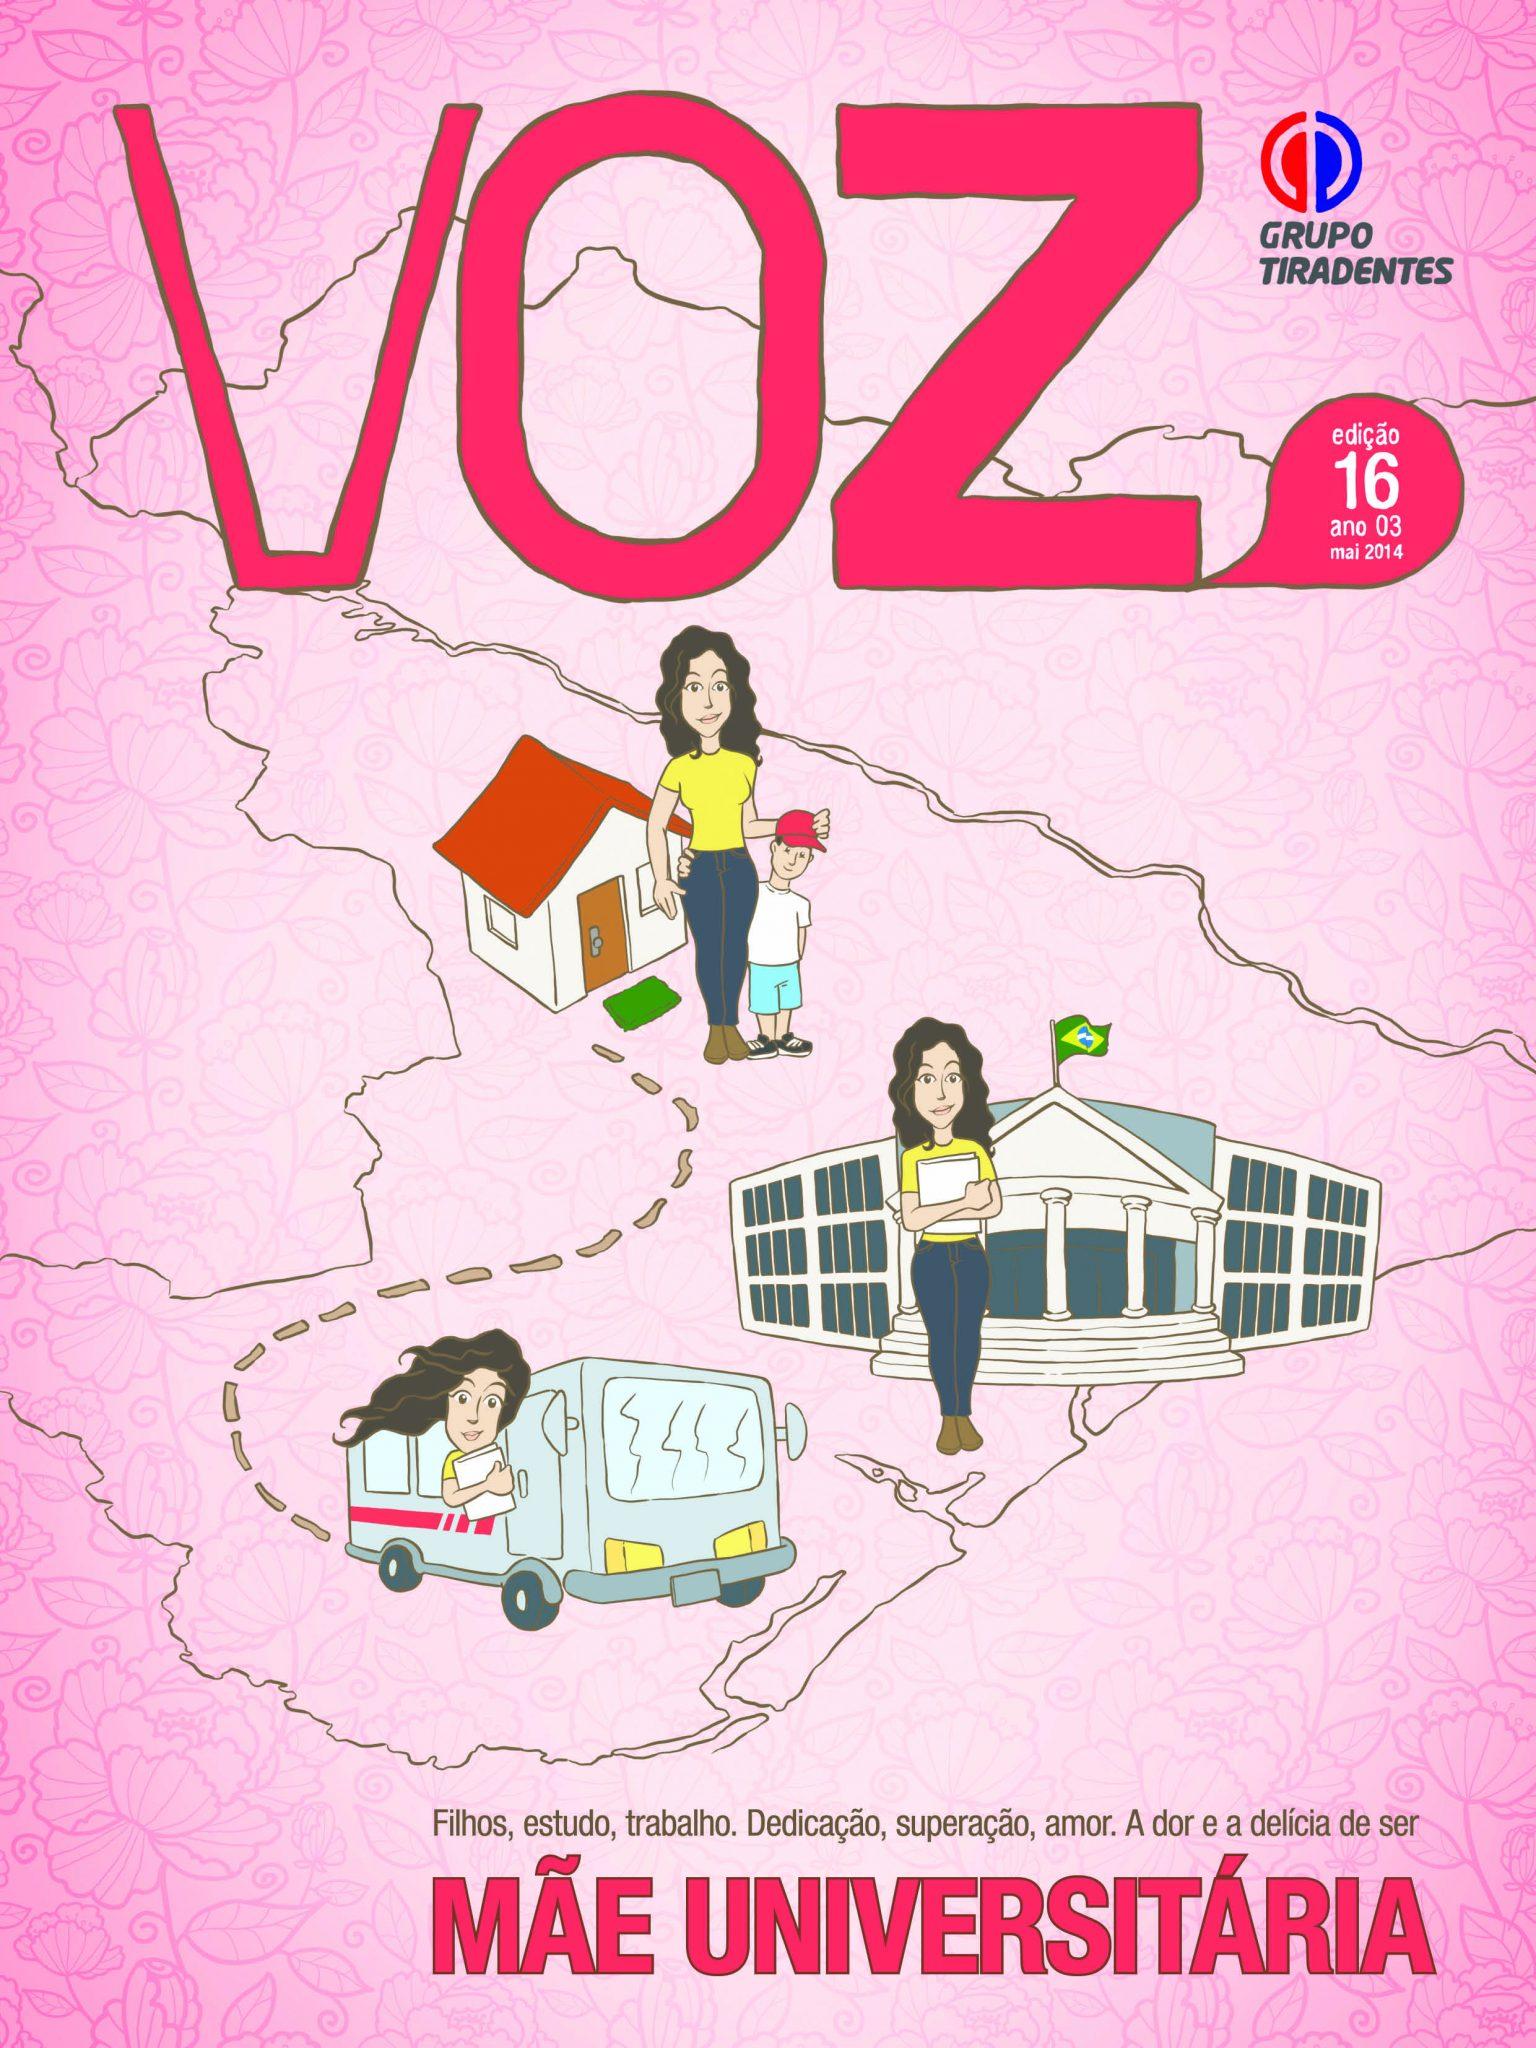 Mães estudantes ganham destaque no Voz de maio